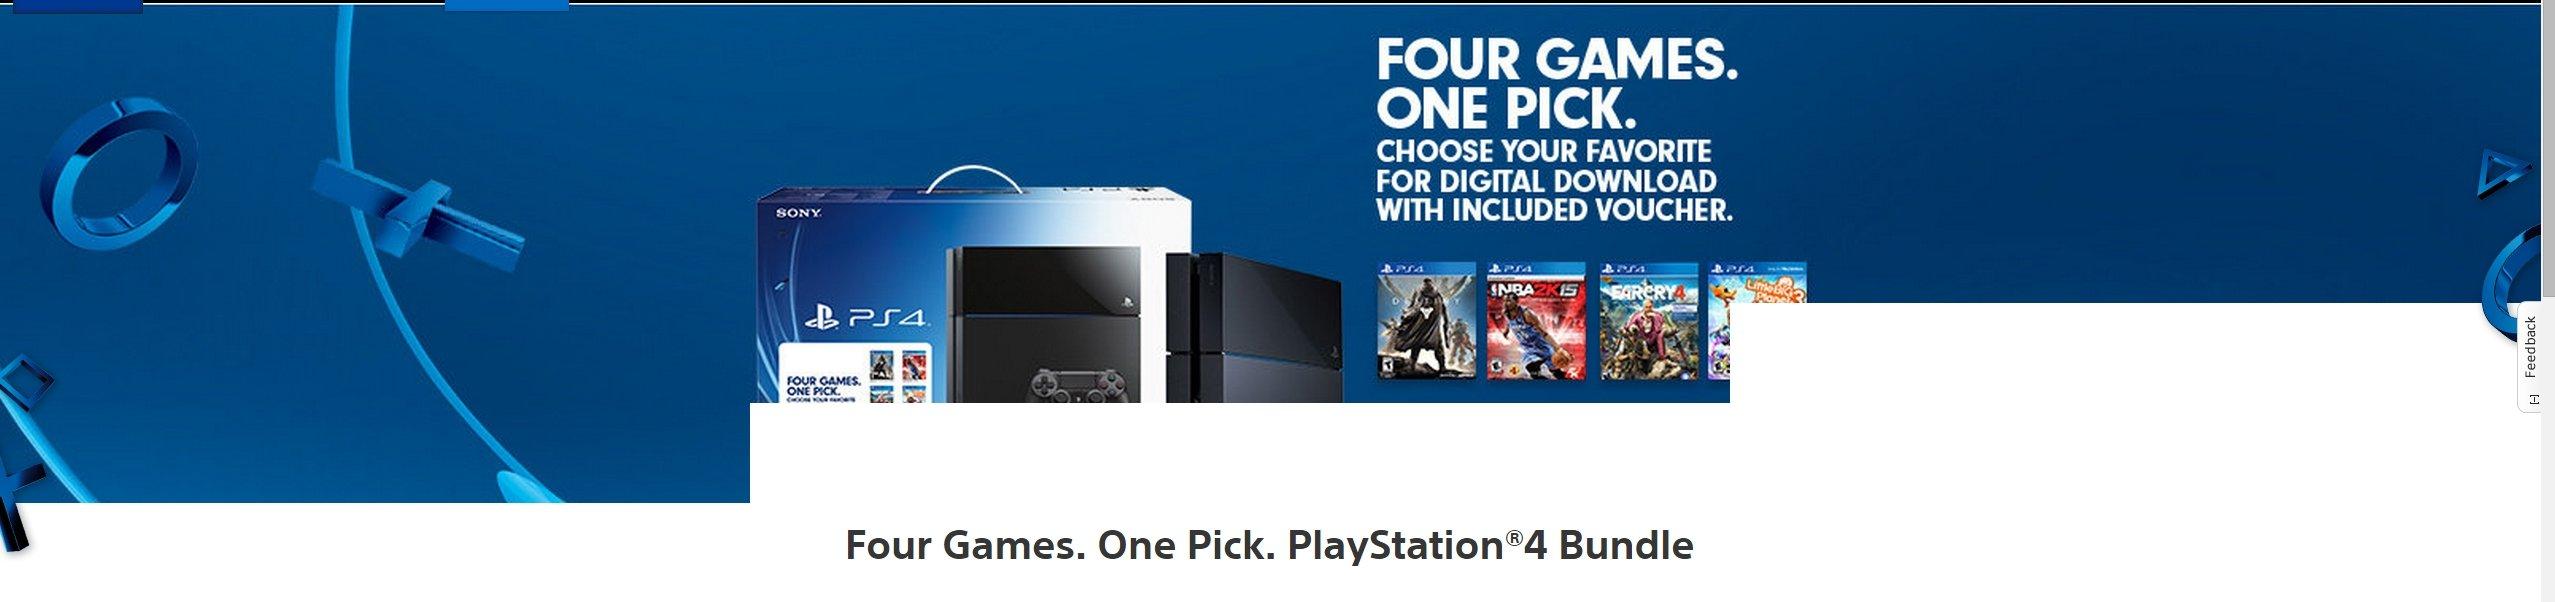 Царский бандлище PS 4 ! Целых 4 игры в нагрузку к консоли и всего за 399 баксов !. - Изображение 1